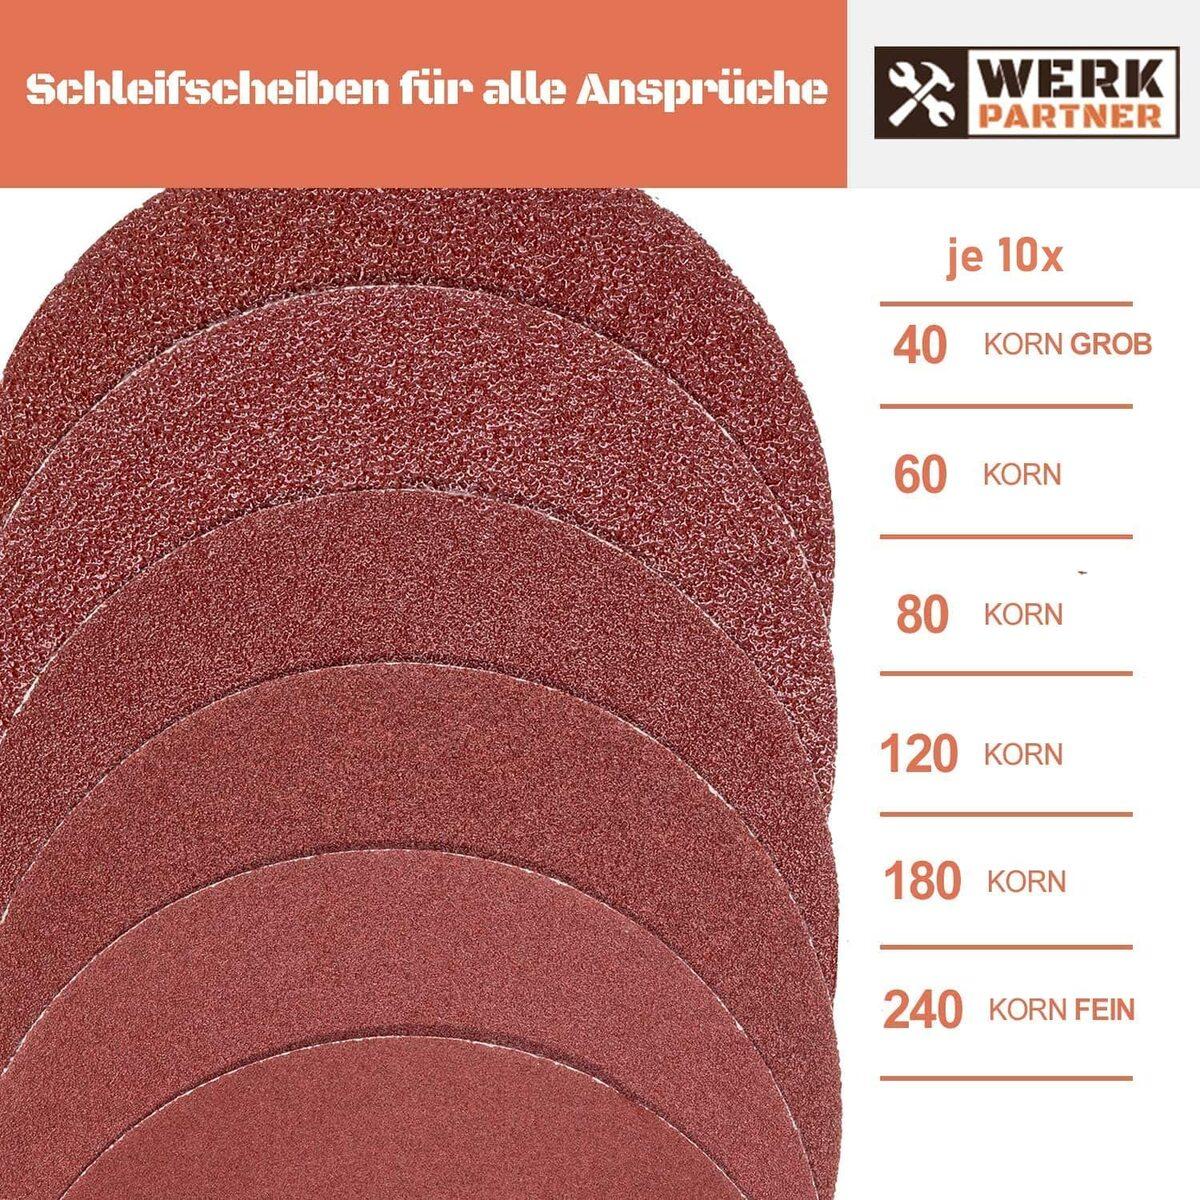 Bild 4 von Werk-Partner - 60 x Schleifscheiben 125mm